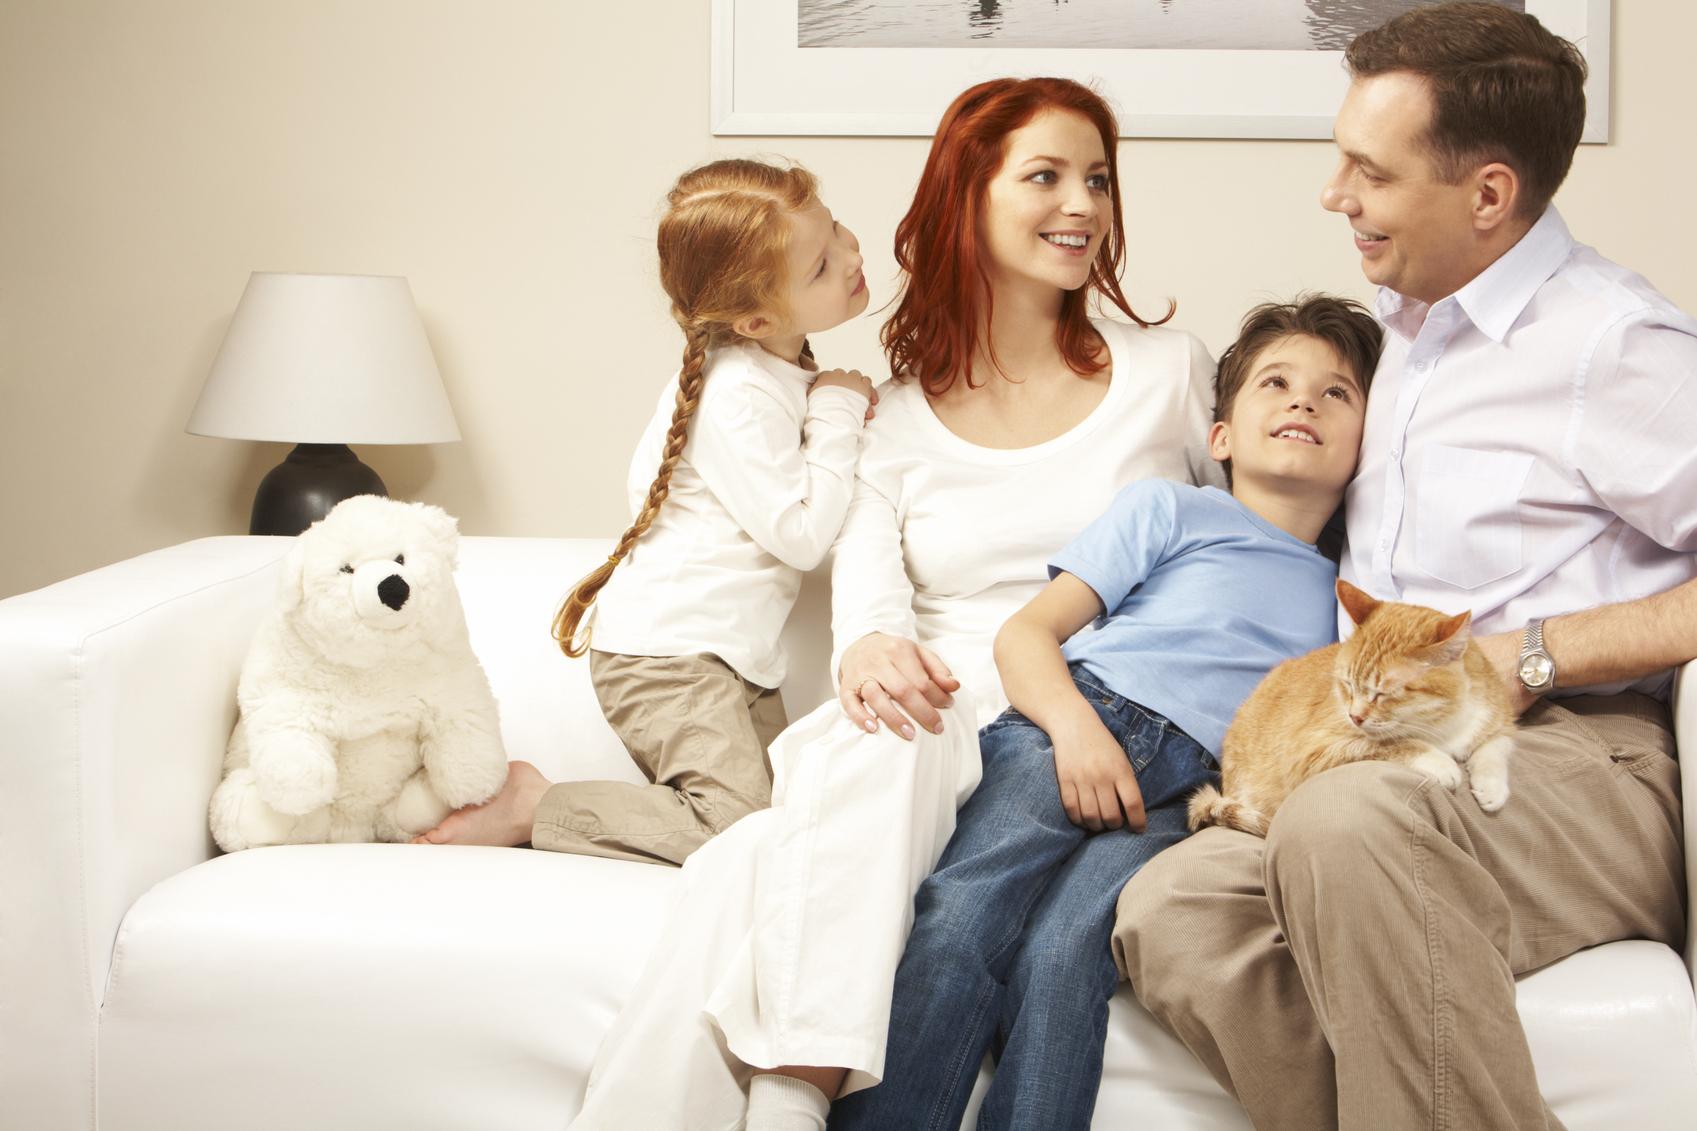 La comunicación en familia